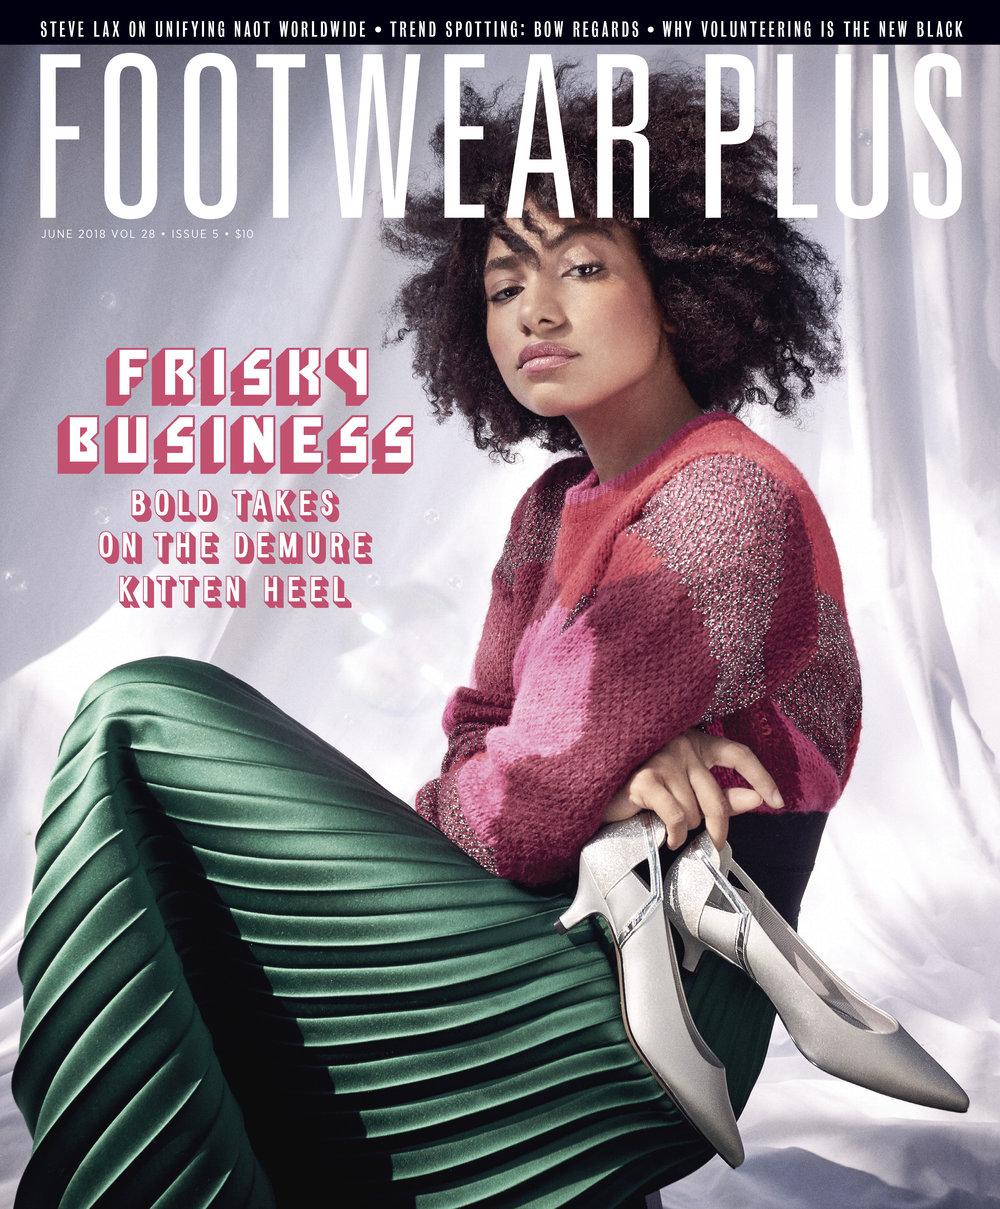 Footwear Plus - E-45151-726.jpg